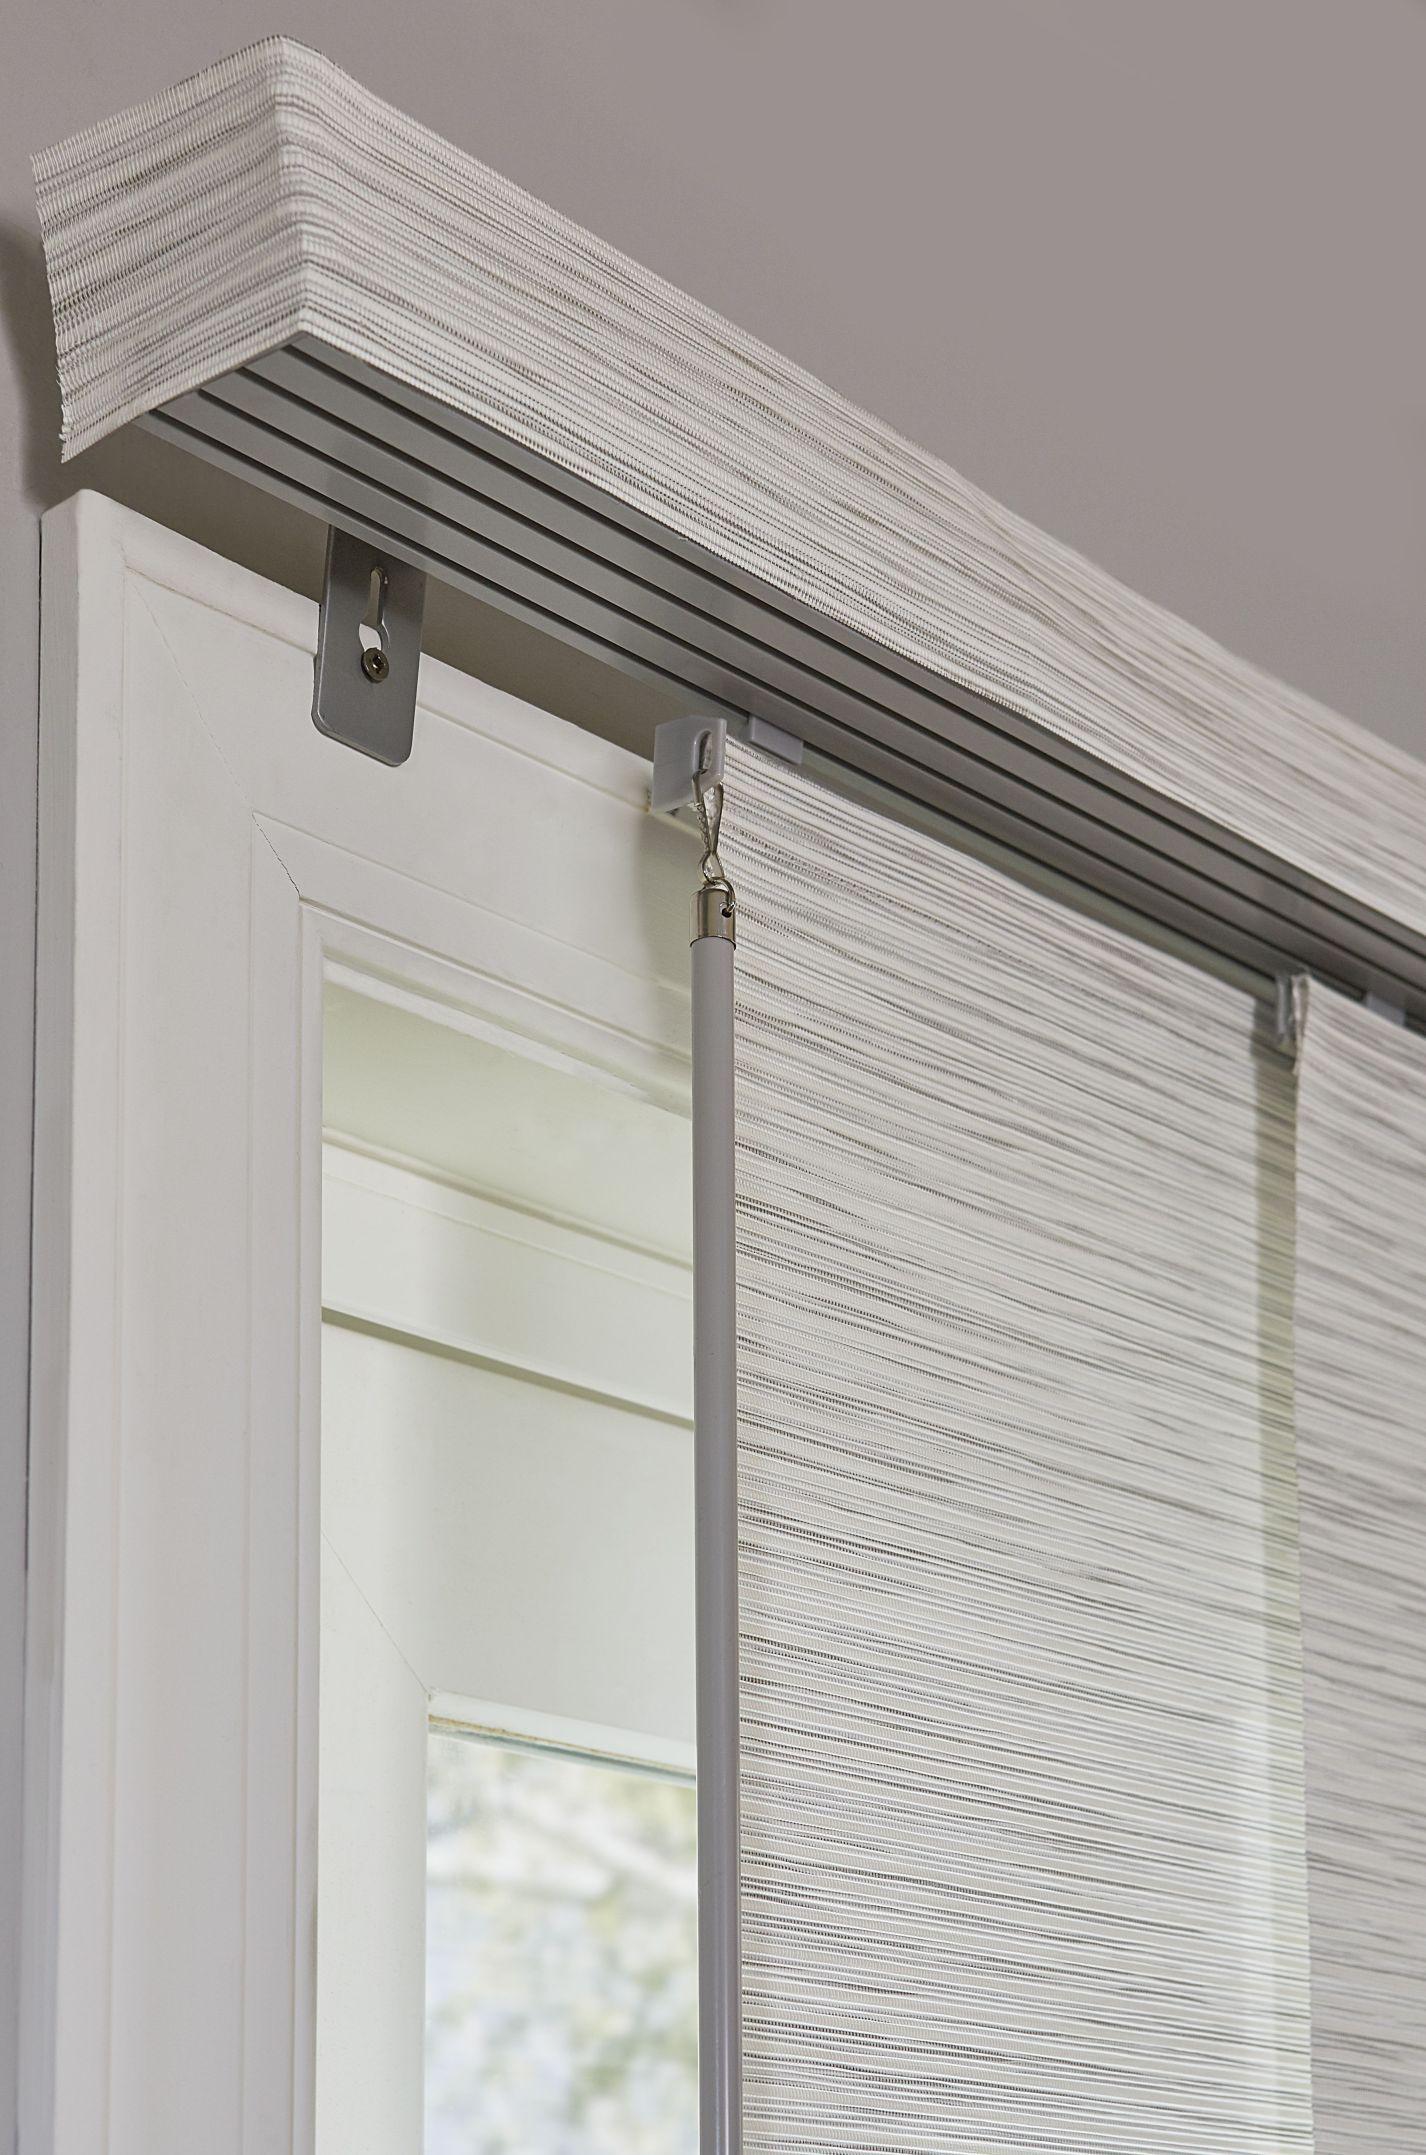 The Best Vertical Blinds Alternatives For Sliding Glass